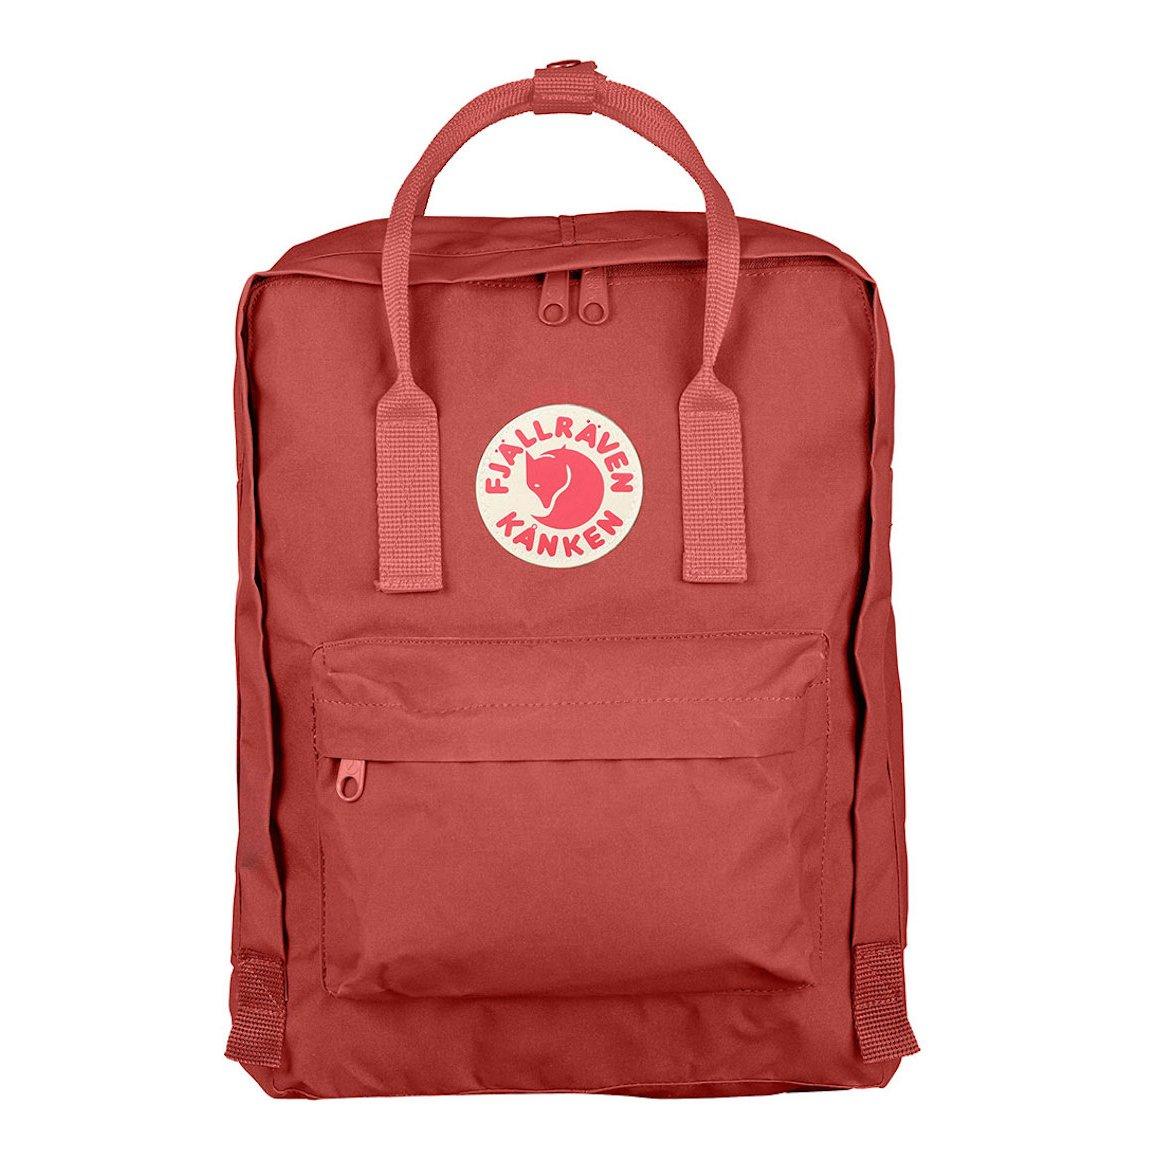 Červený voděodolný batoh Kånken Classic 16 l 9789a43d59